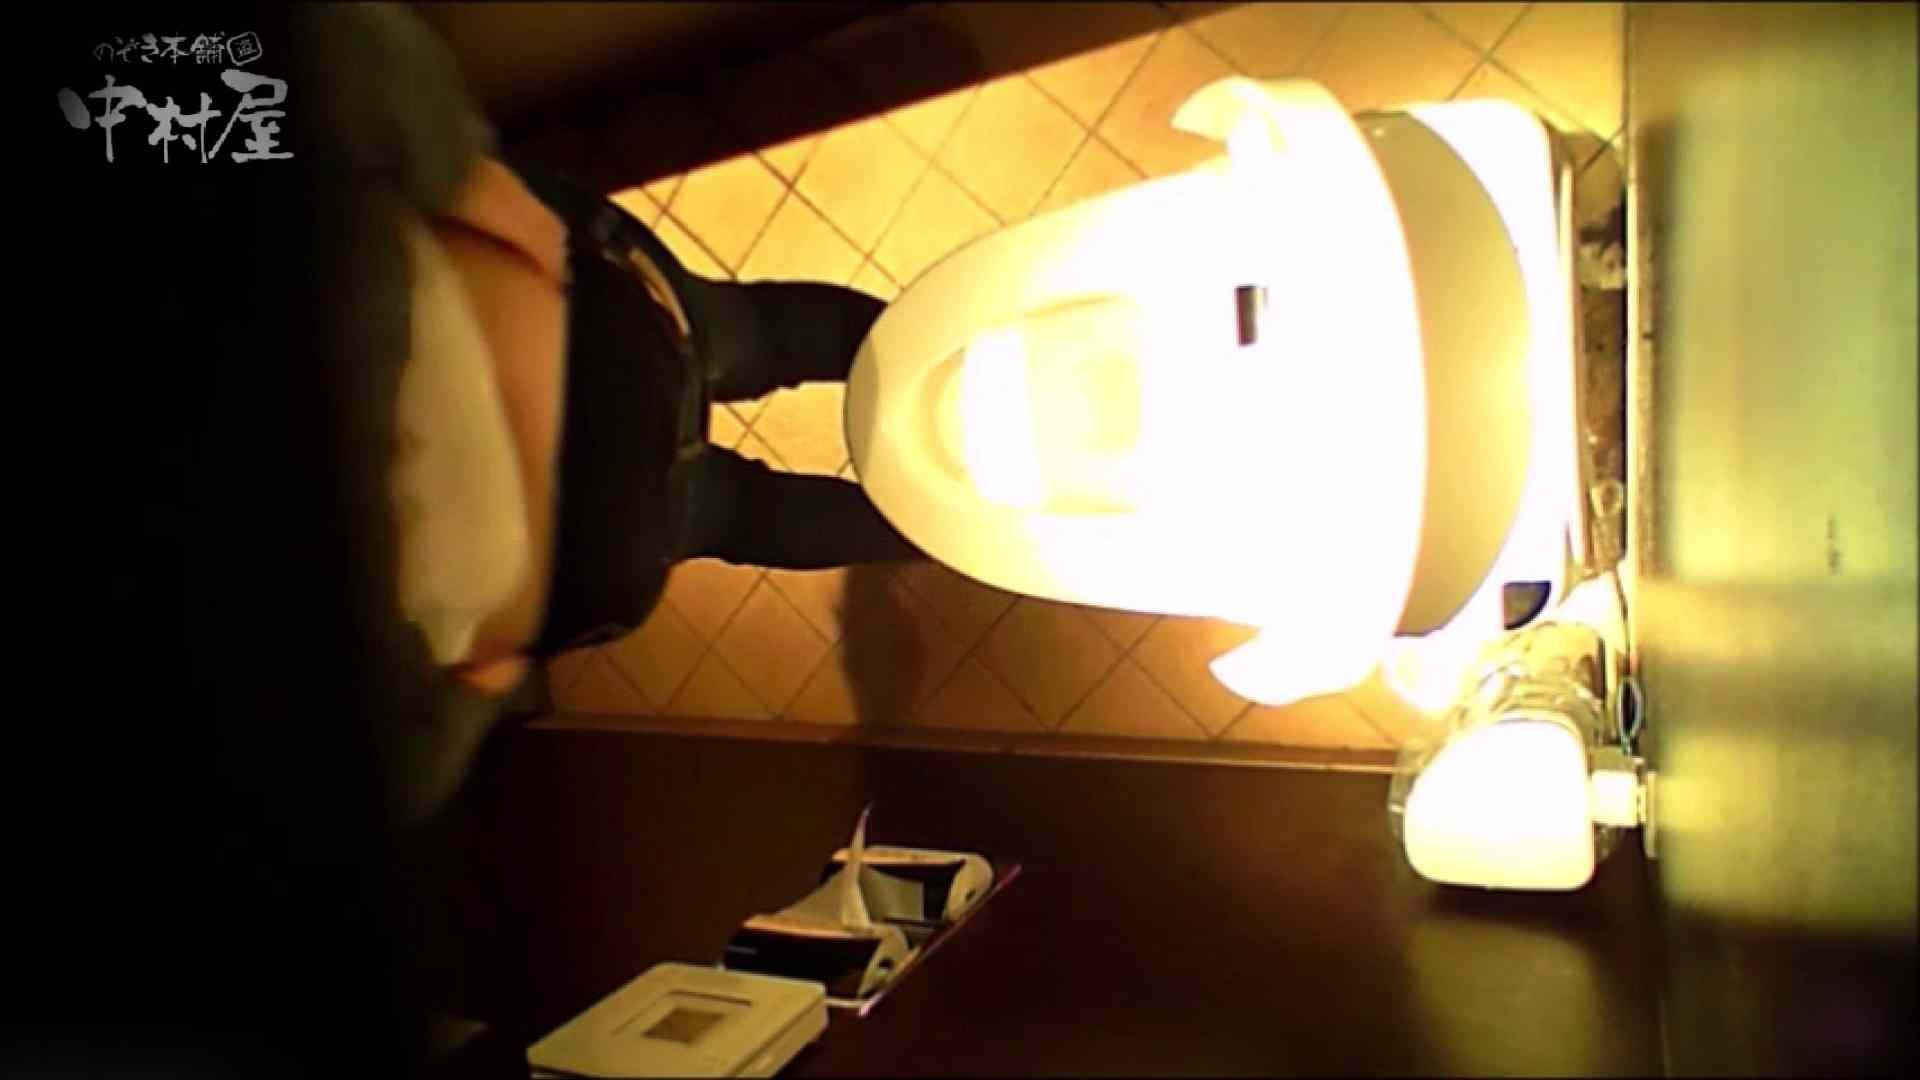 女子トイレ盗撮~某ファミレス編~vol.36 エッチな盗撮 AV動画キャプチャ 105pic 73